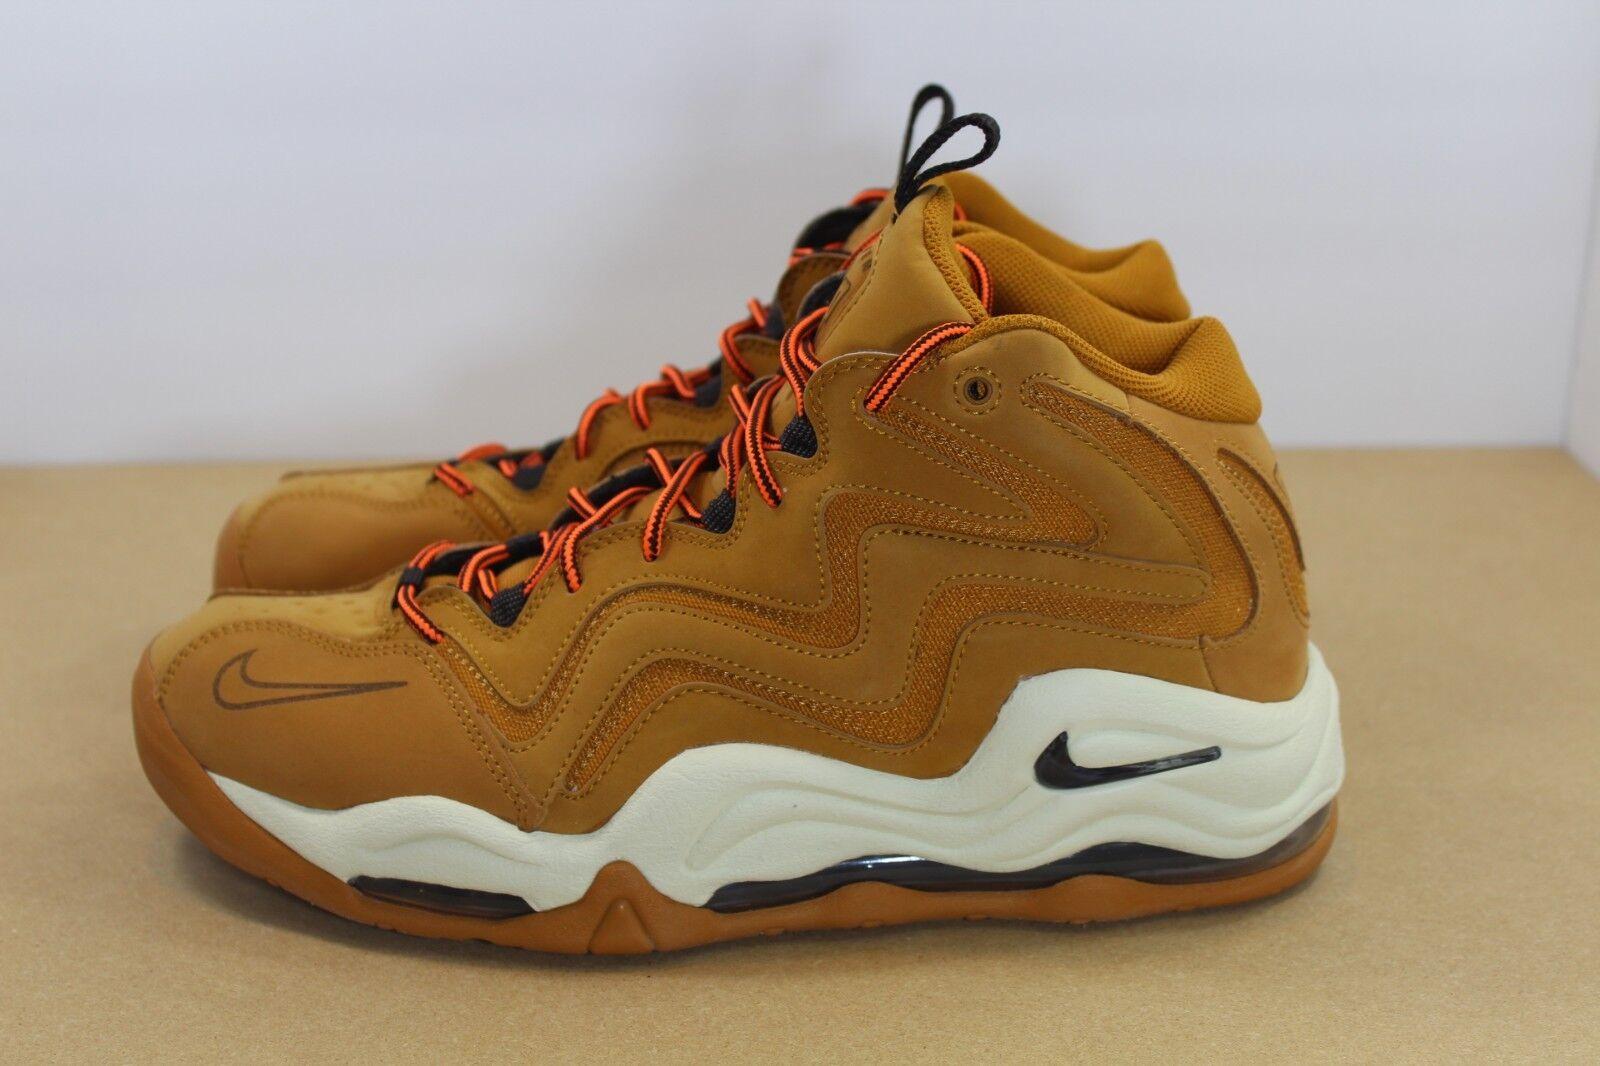 Nike Air Pippen 1 lifestyle sneakers Desert Ochre/Velvet brn 325001-700 Comfortable Brand discount